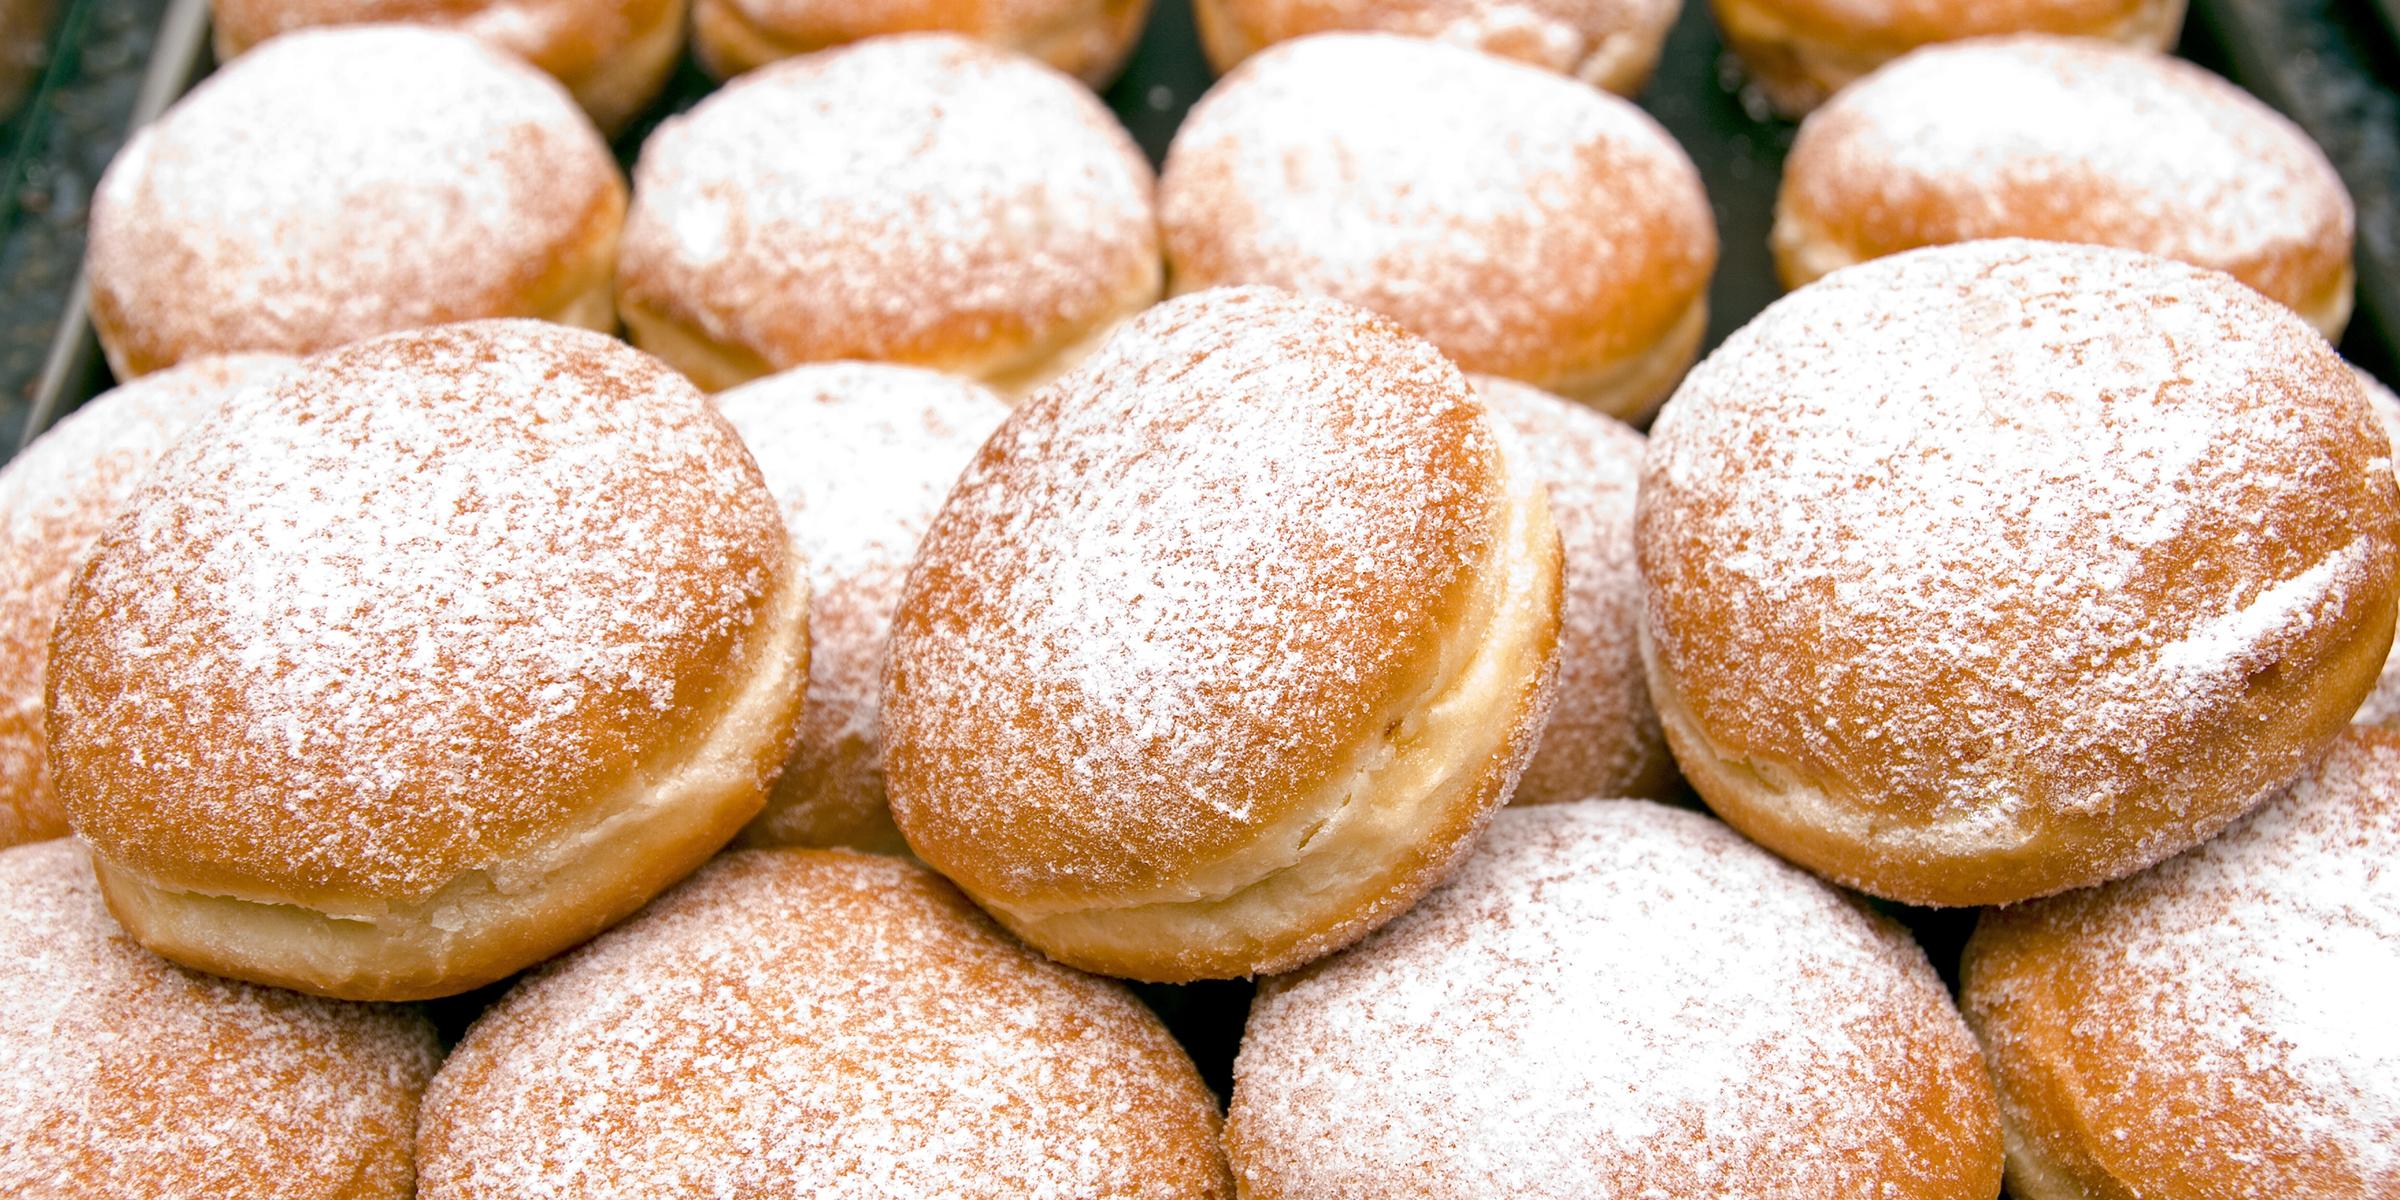 Kids' Saturday Workshop - Wayne Thiebaud Donuts, September 18 Image